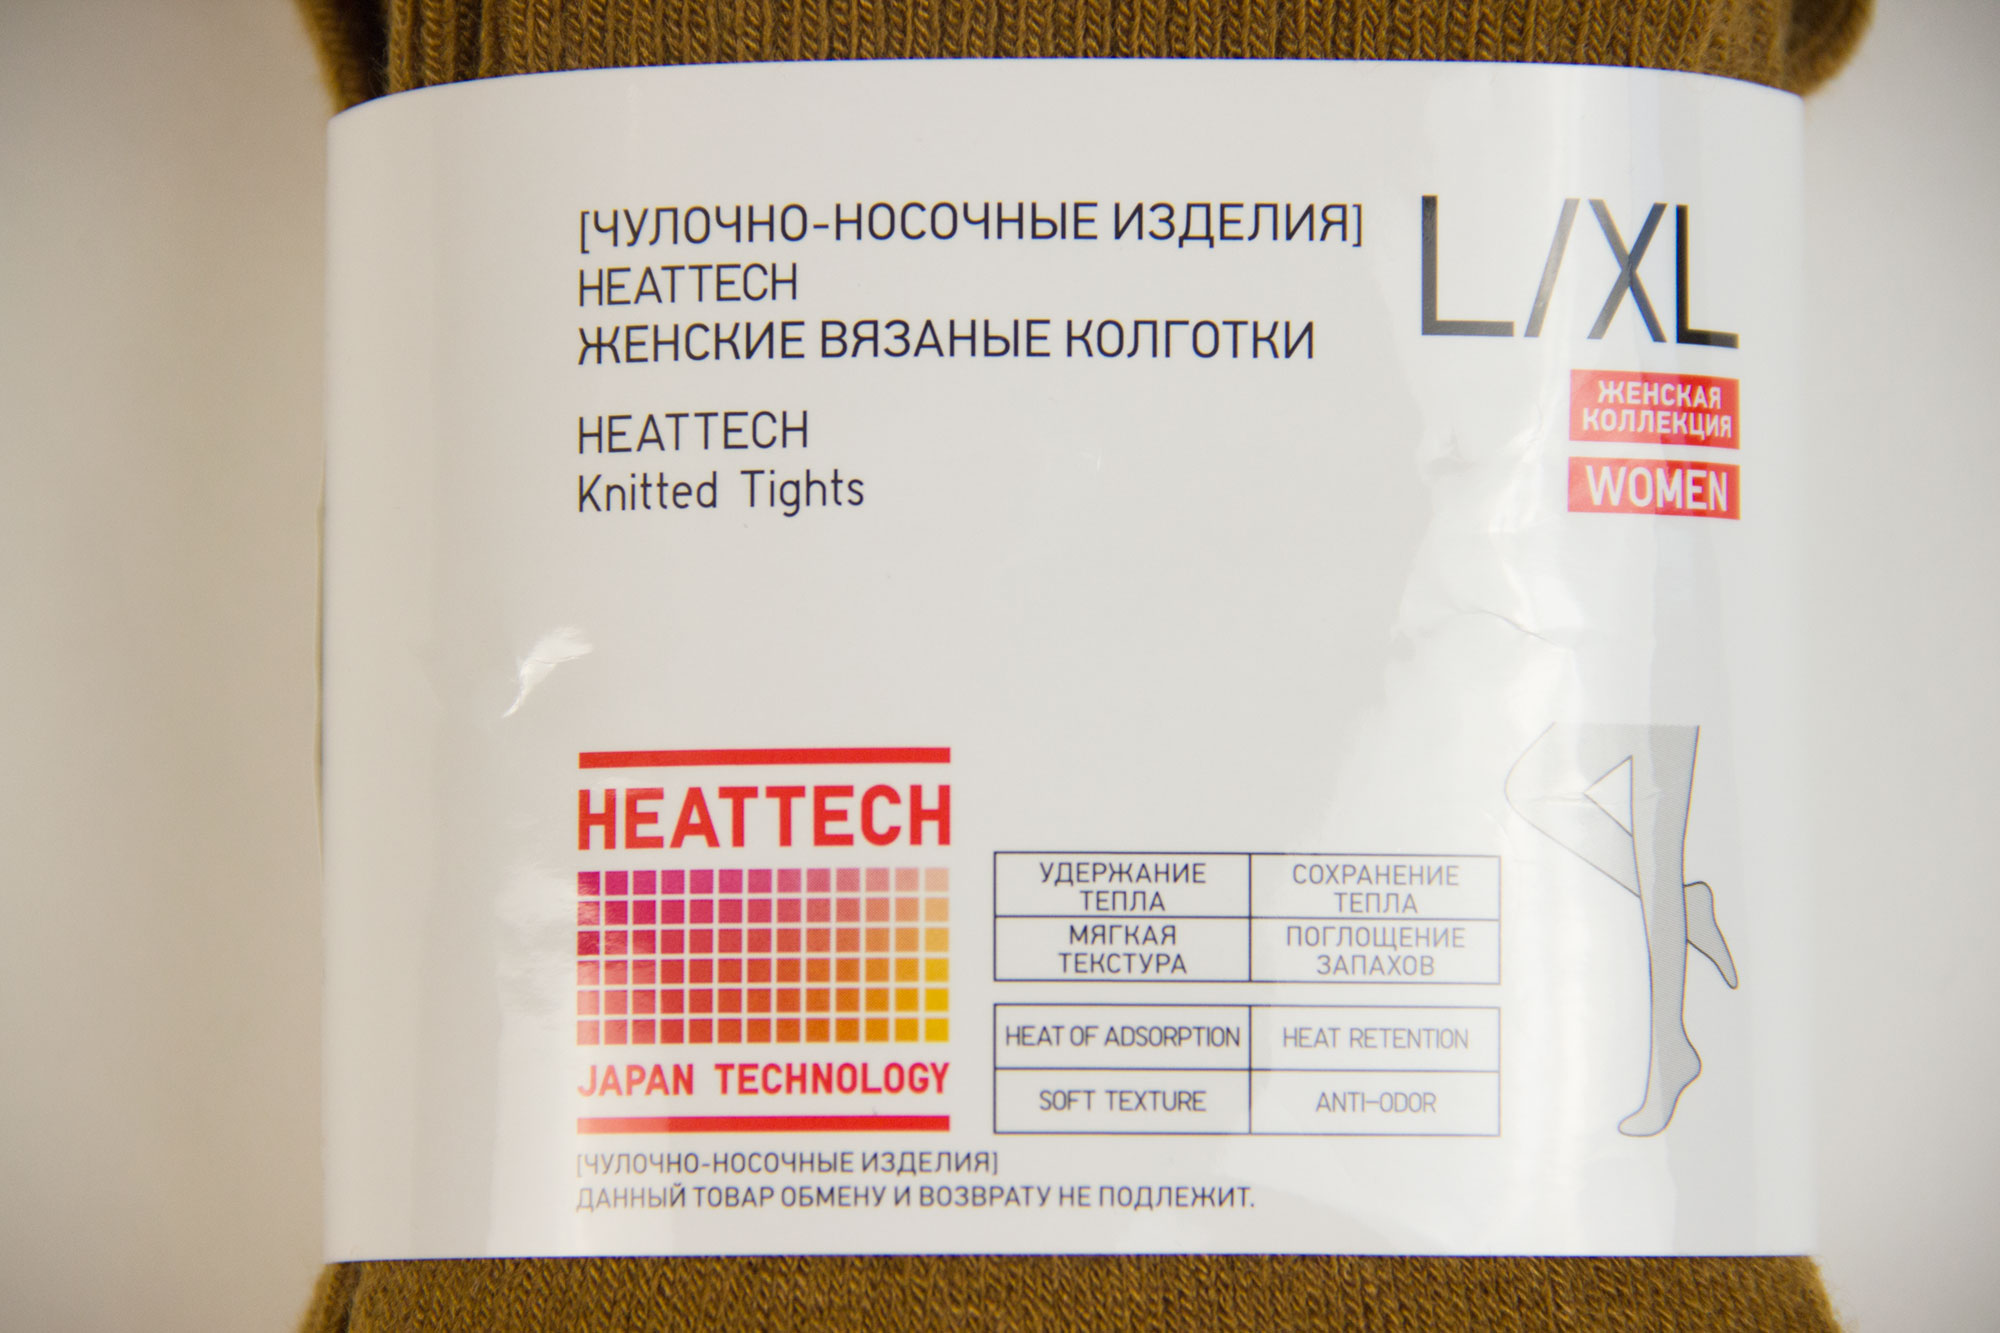 Сравнительный обзор теплых колготок. Колготки Heattech Uniqlo